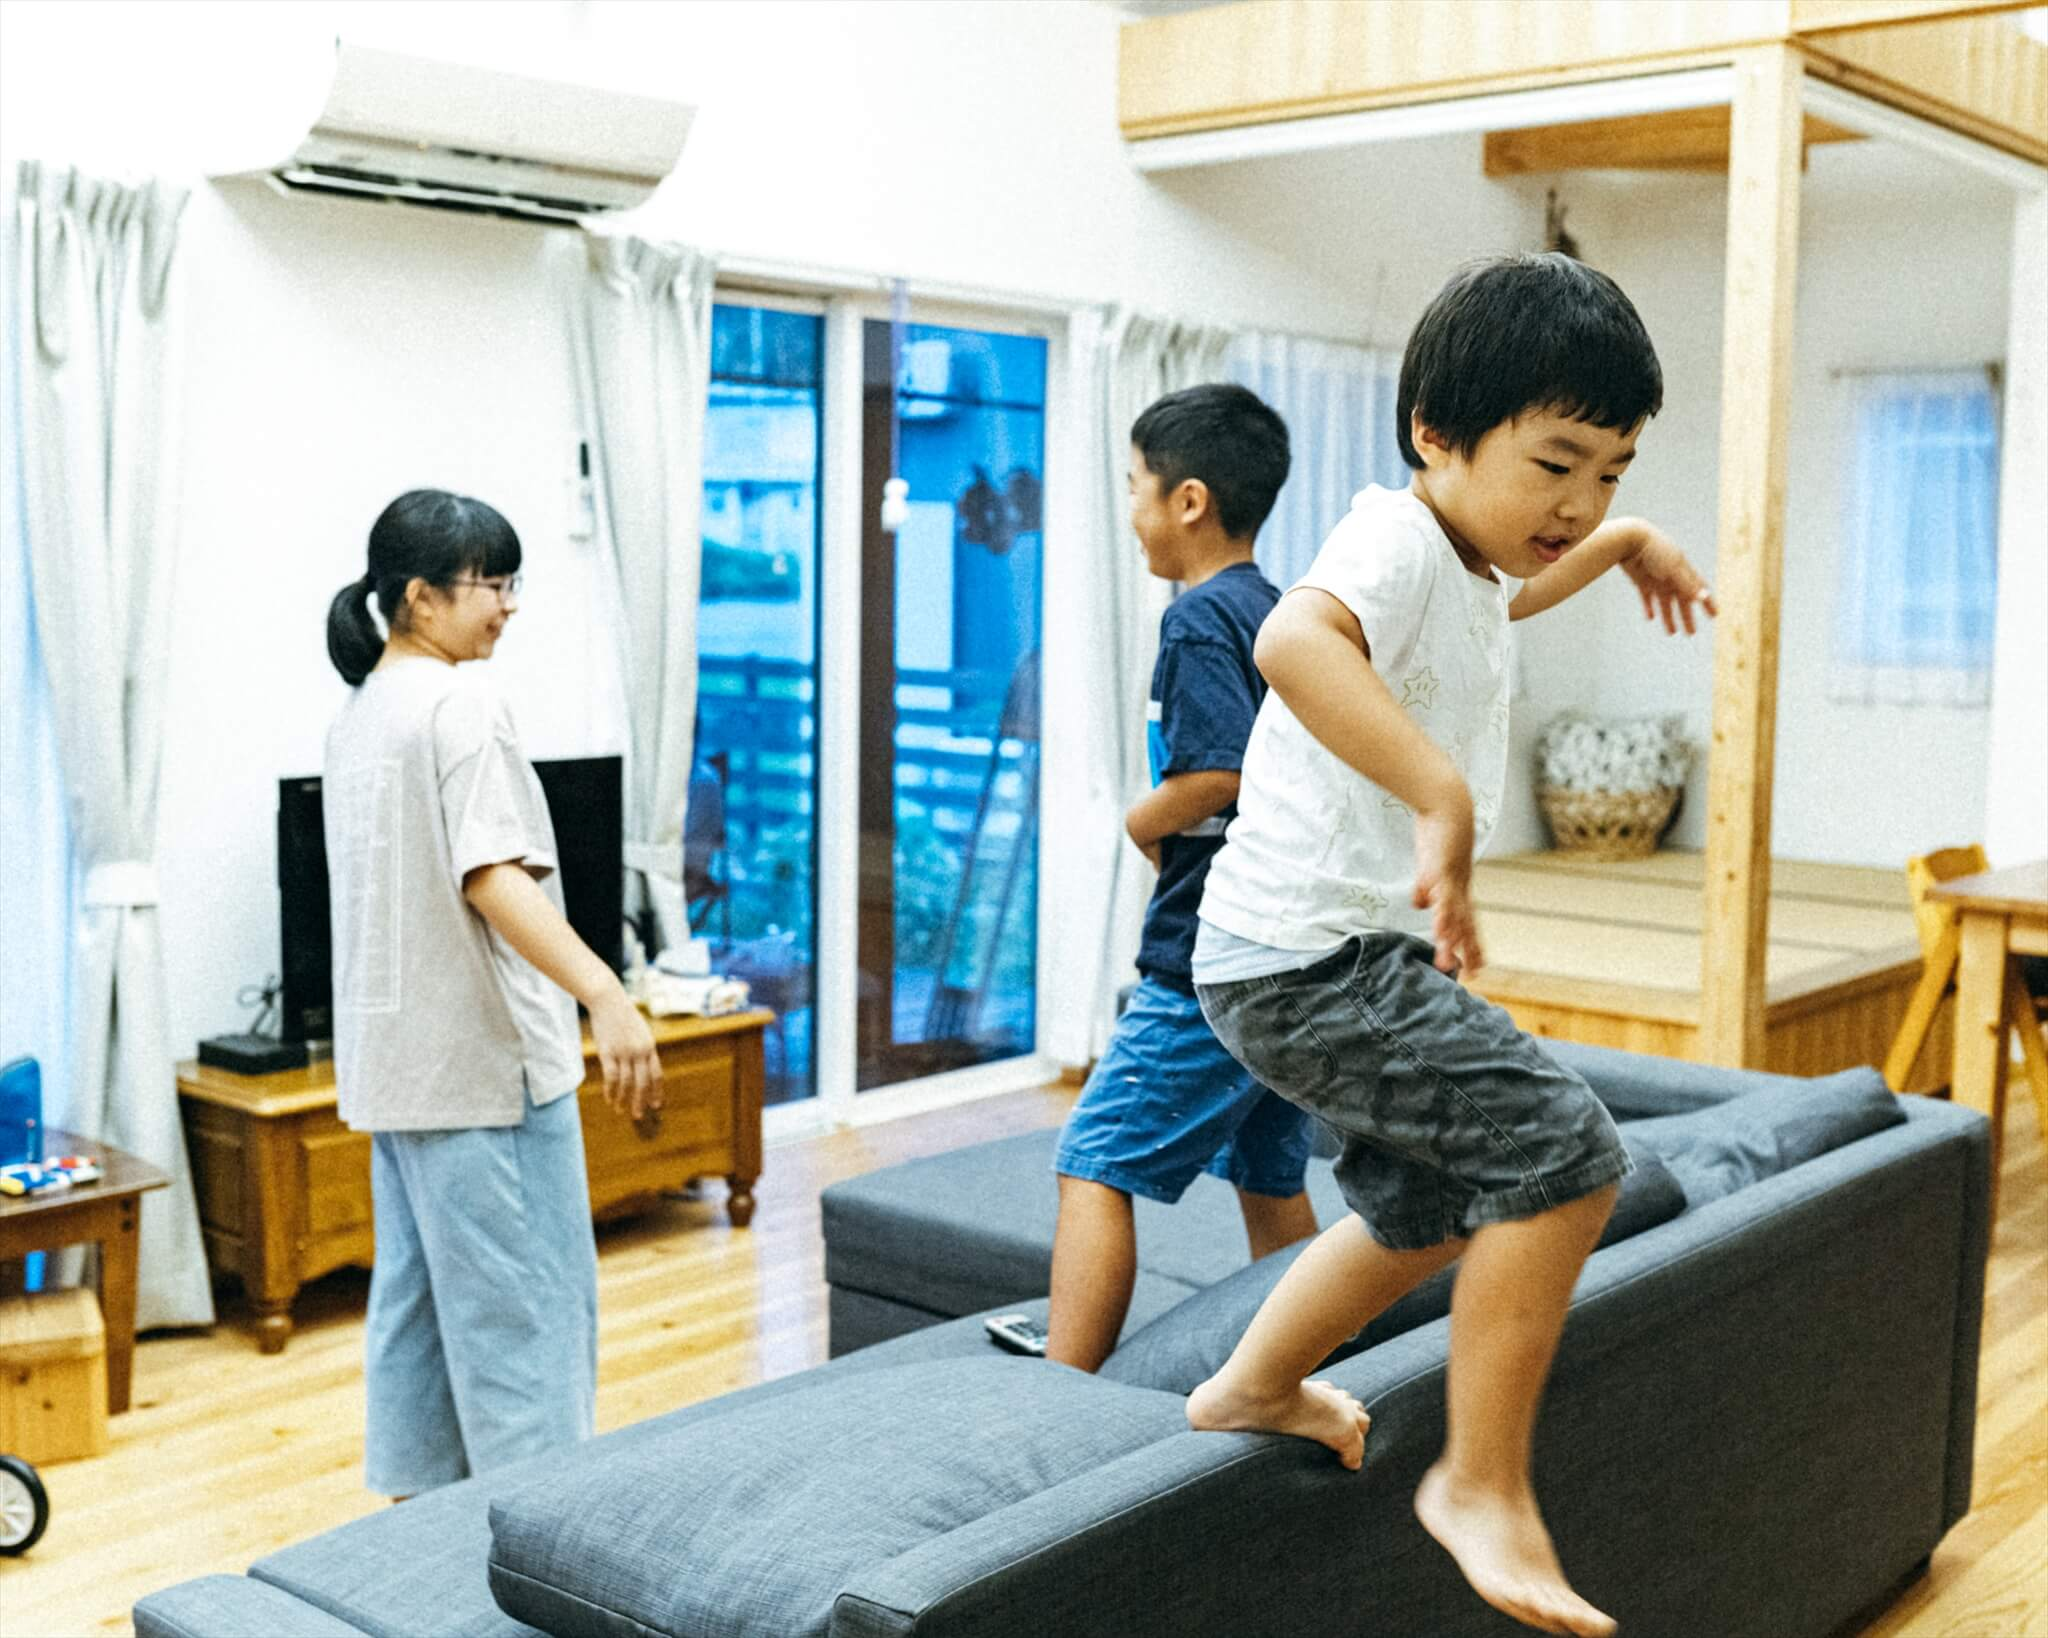 阿武町に移住してきた矢田家の子どもたち